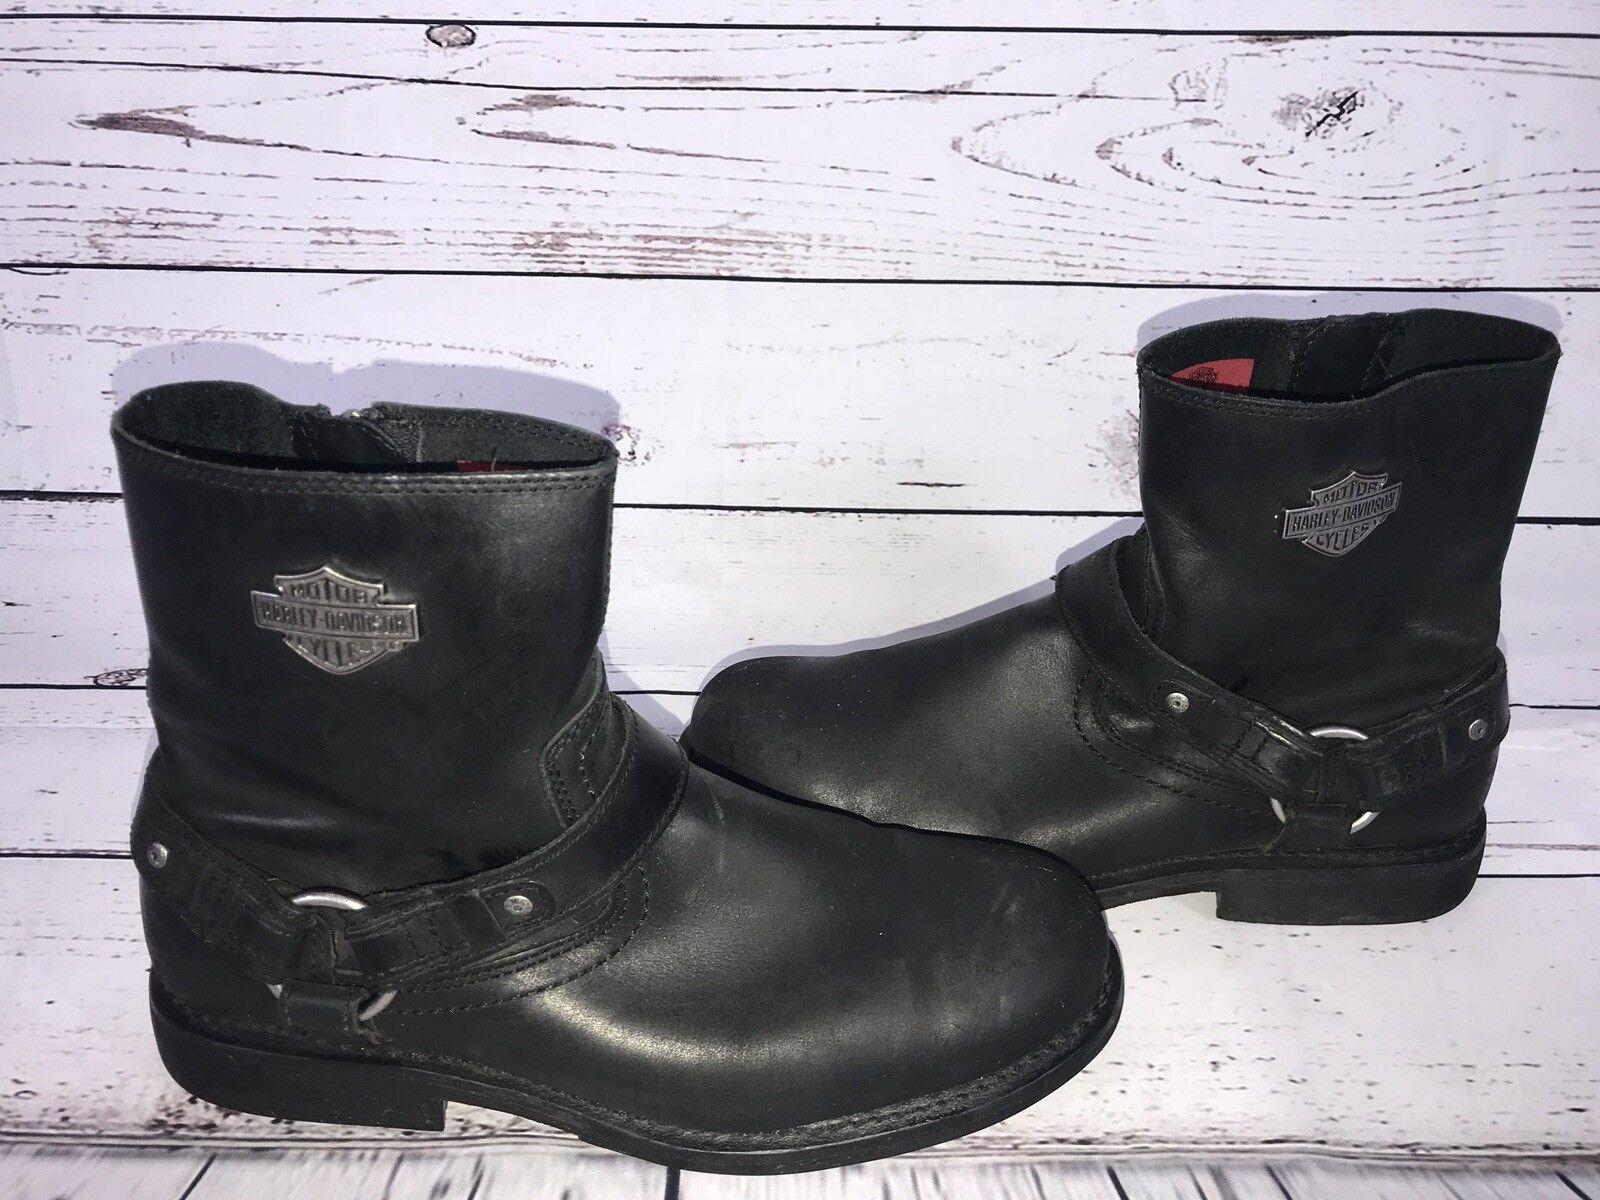 les chaussures noires ou cycle les de harley - davidson, les cycle bottes taille 10,5 m au viêt nam 2f3d97